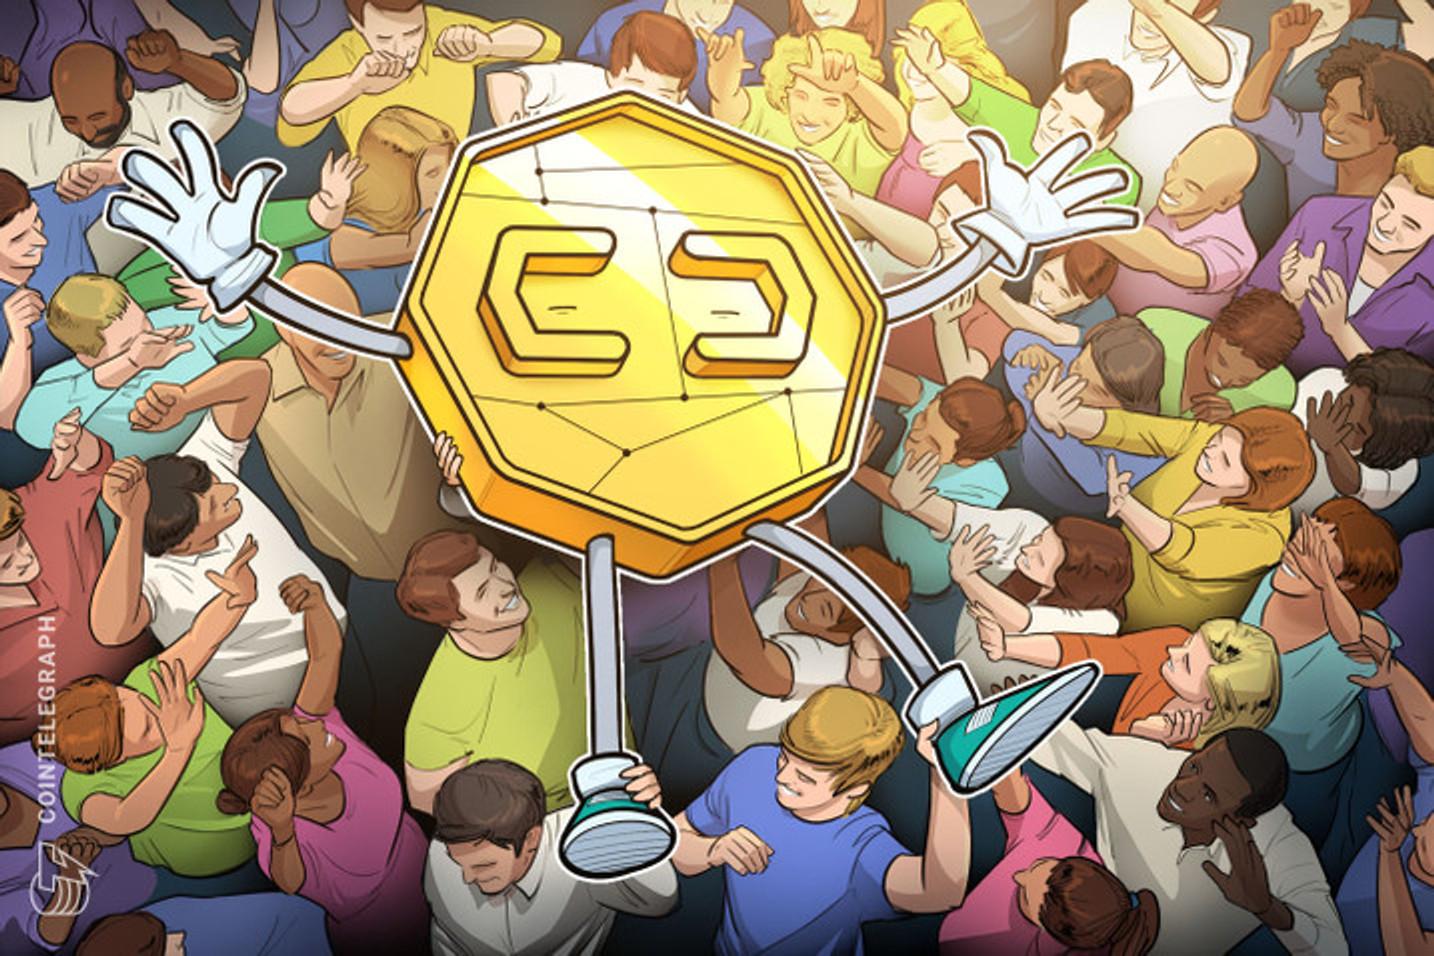 Bitcoin renova alta e pode chegar a US$ 83 mil, diz analista enquanto traders aumentam alavancagem